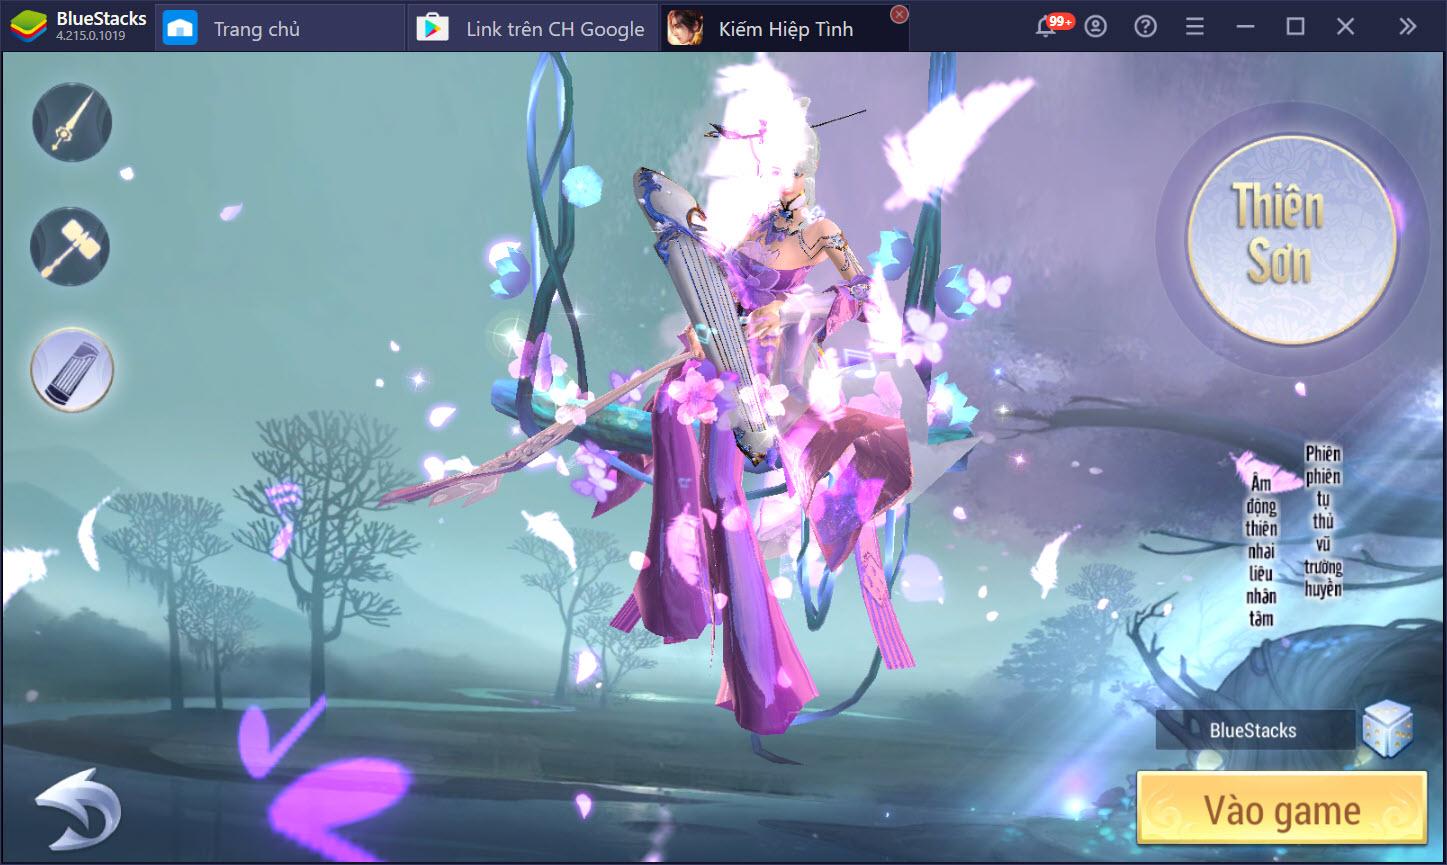 Trải nghiệm Kiếm Hiệp Tình 3D – Võ Lâm Mộng Cảnh trên PC với BlueStacks